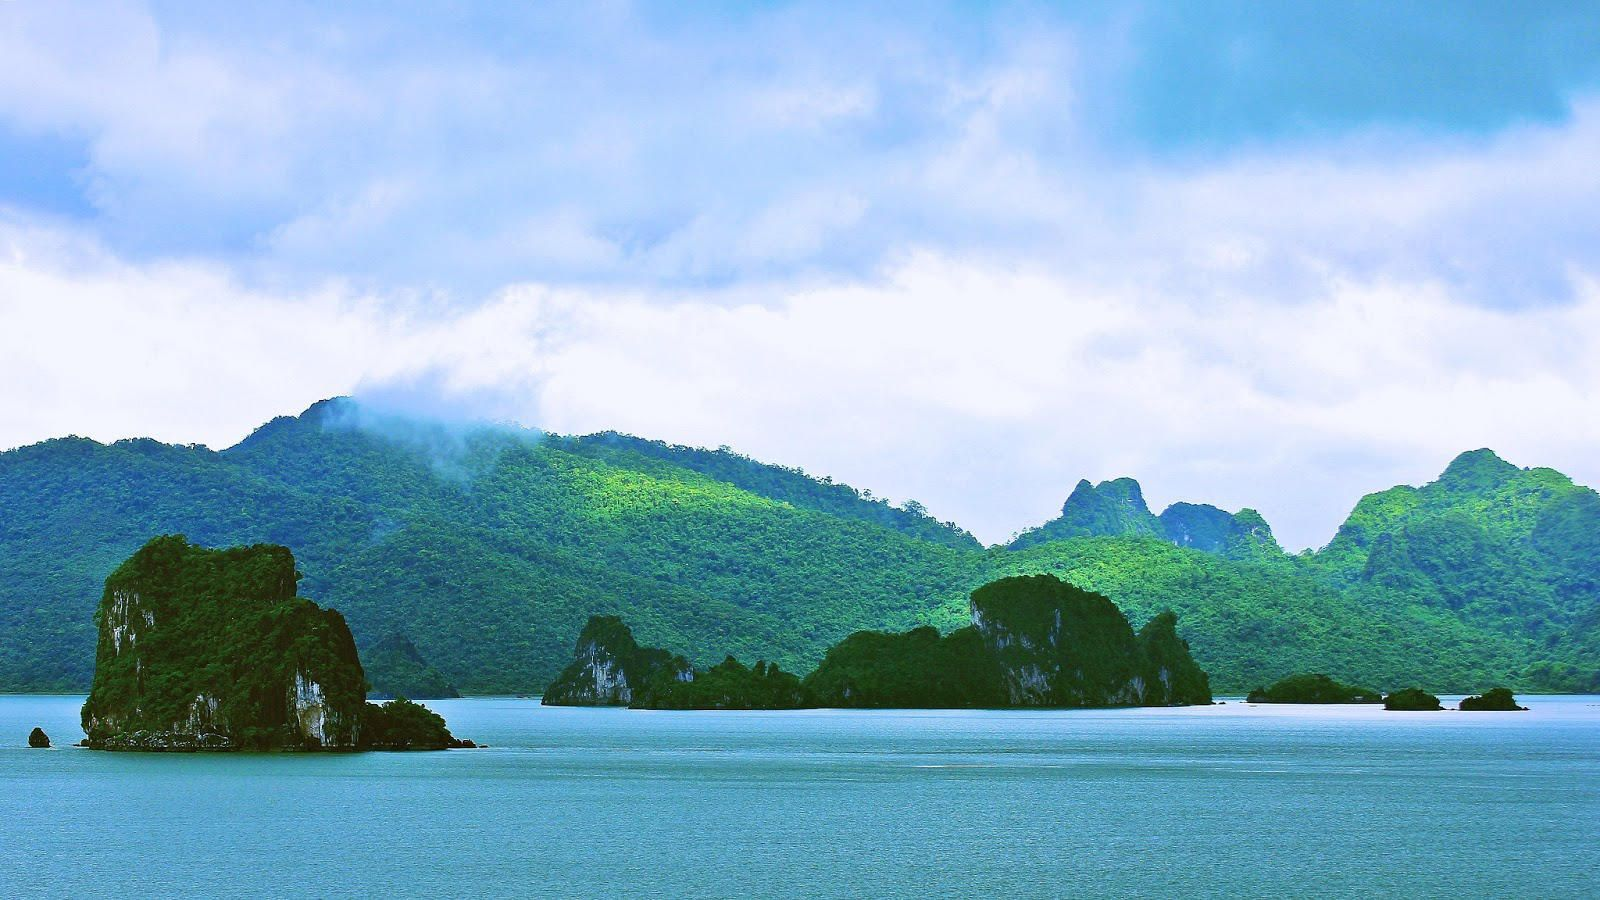 CEO Group sẽ nhận chuyển nhượng dự án Khu du lịch sinh thái Bái Tử Long